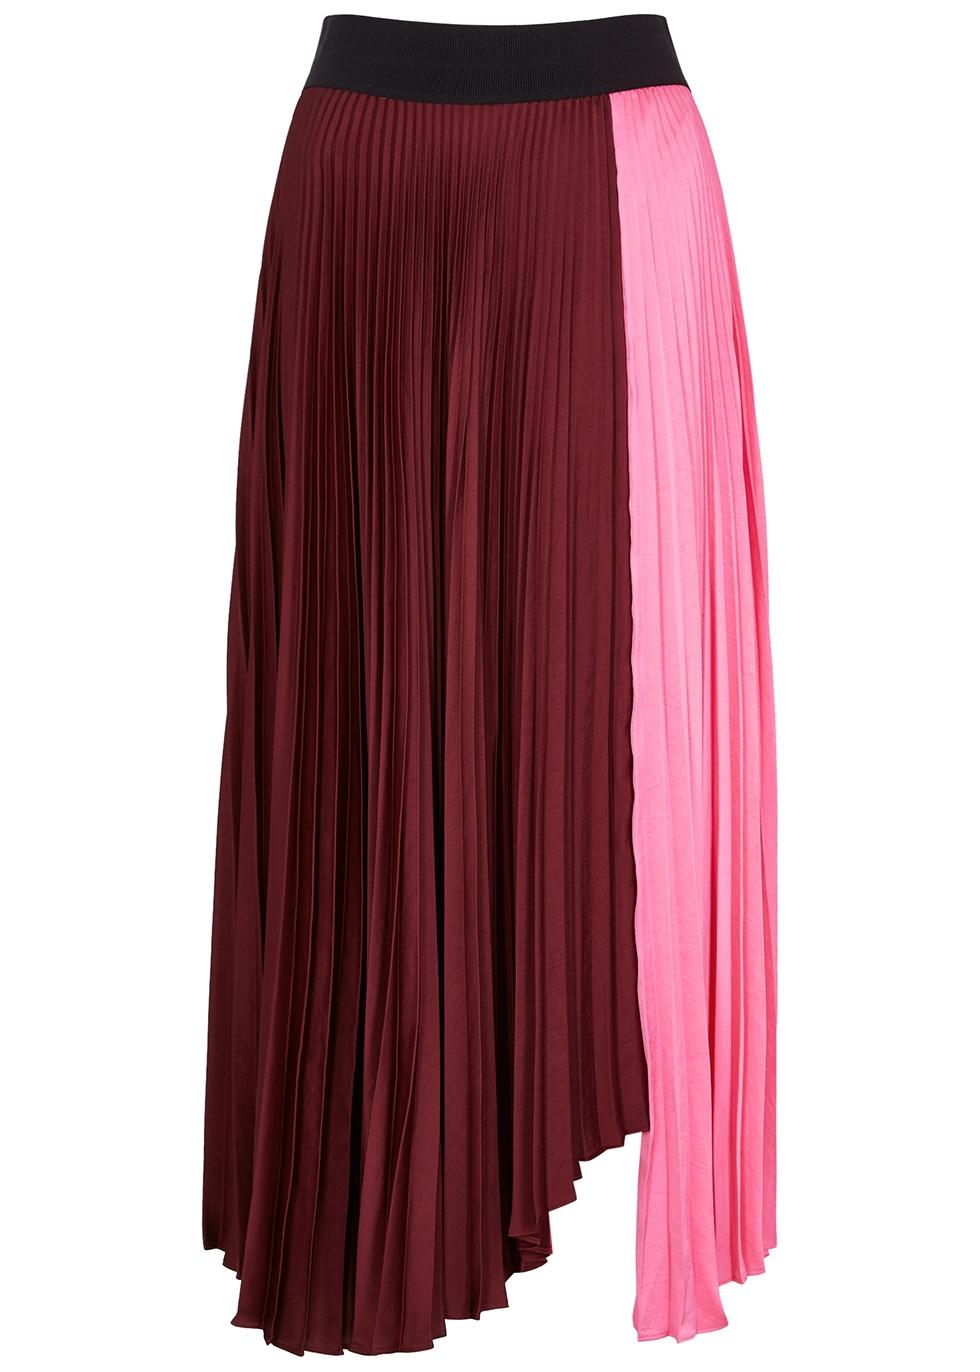 Faux Leather Chiffon Women Skirts High Waist Contrast Asymmetrical Women Skirt